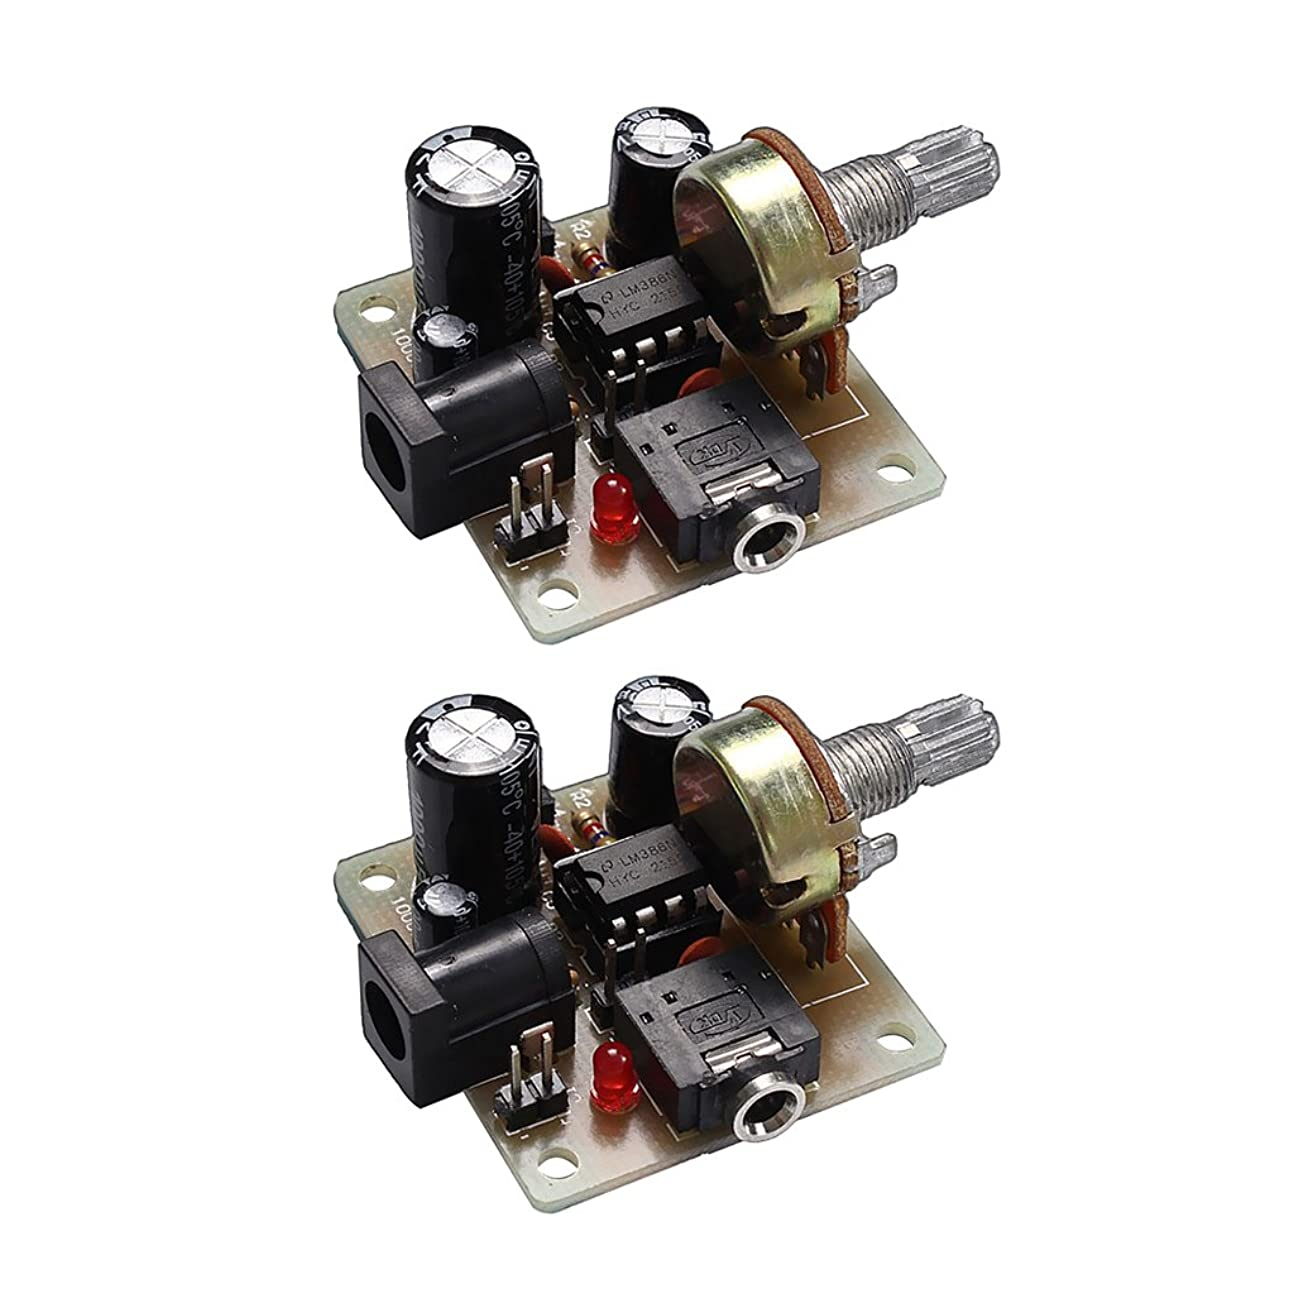 サーバ非効率的なホバートDIYキット 小型 アンプボード 2個 電子部品 5V-12V オーディオアンプボード